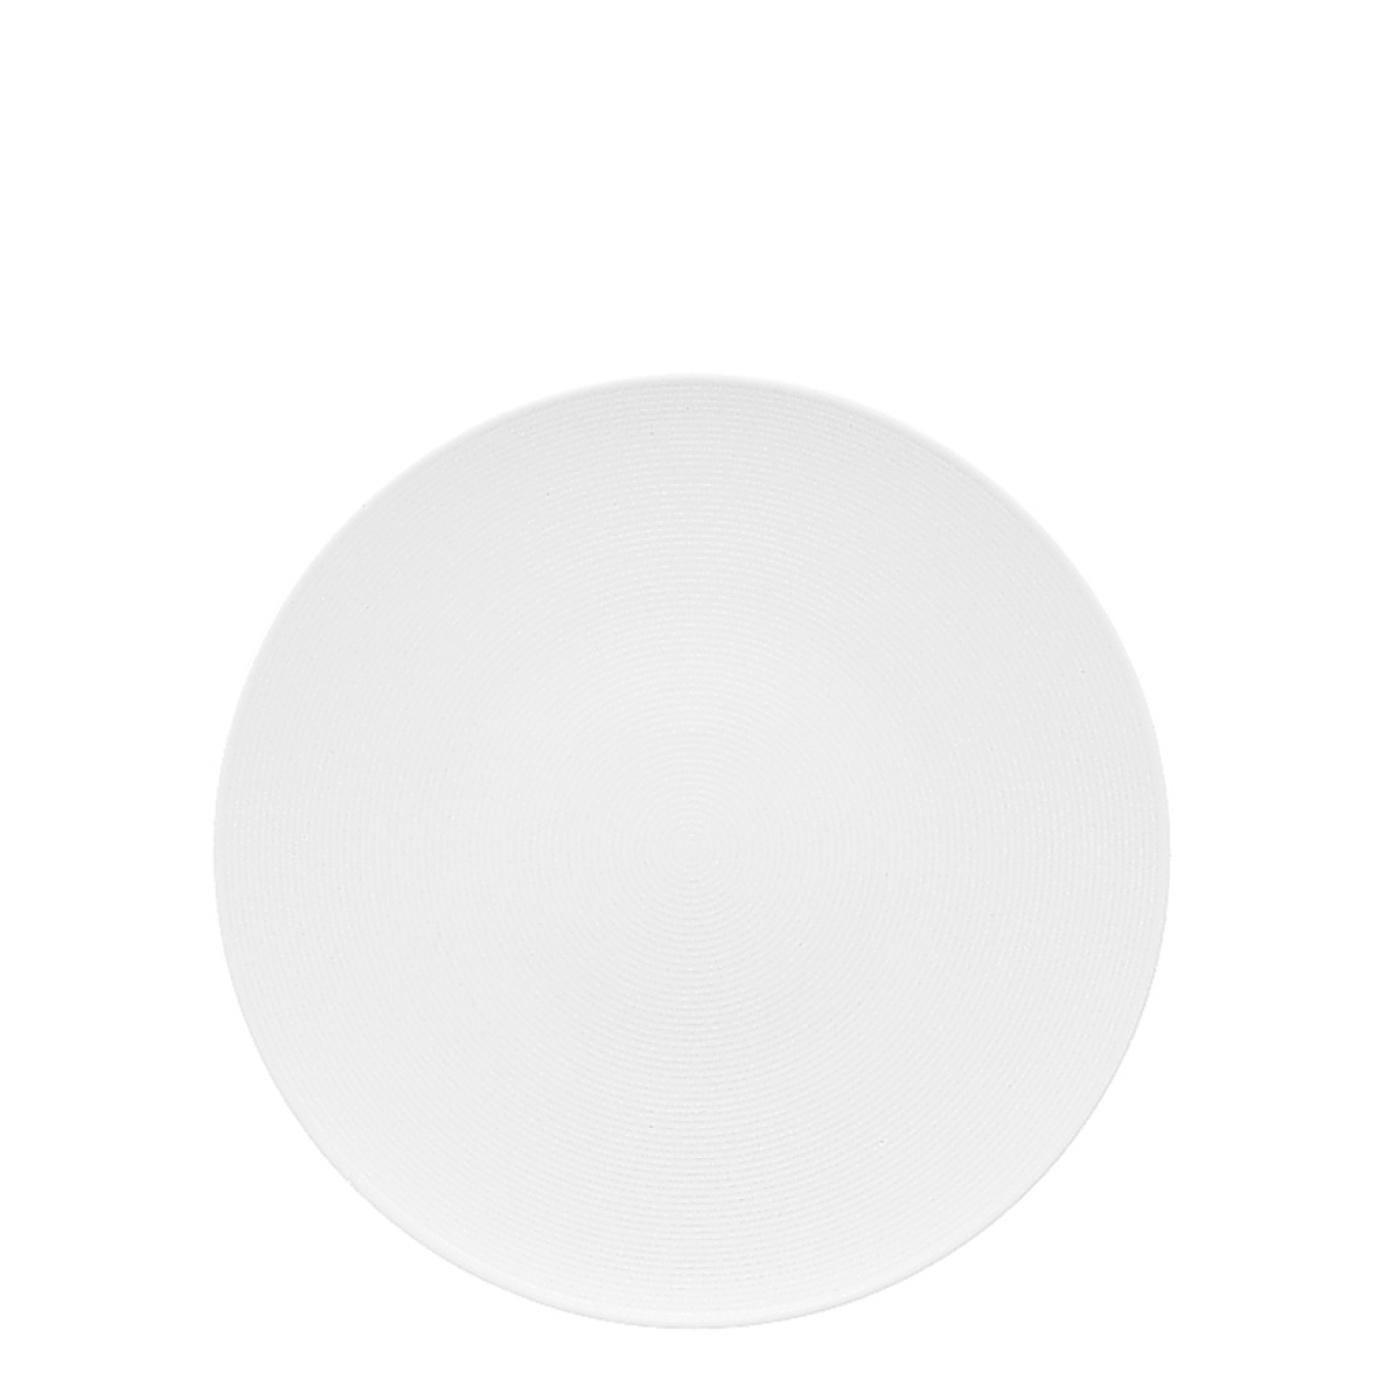 Онлайн каталог PROMENU: Тарелка десертная/закусочная Rosenthal Loft, диаметр 22 см, белый Rosenthal 11900-800001-10222